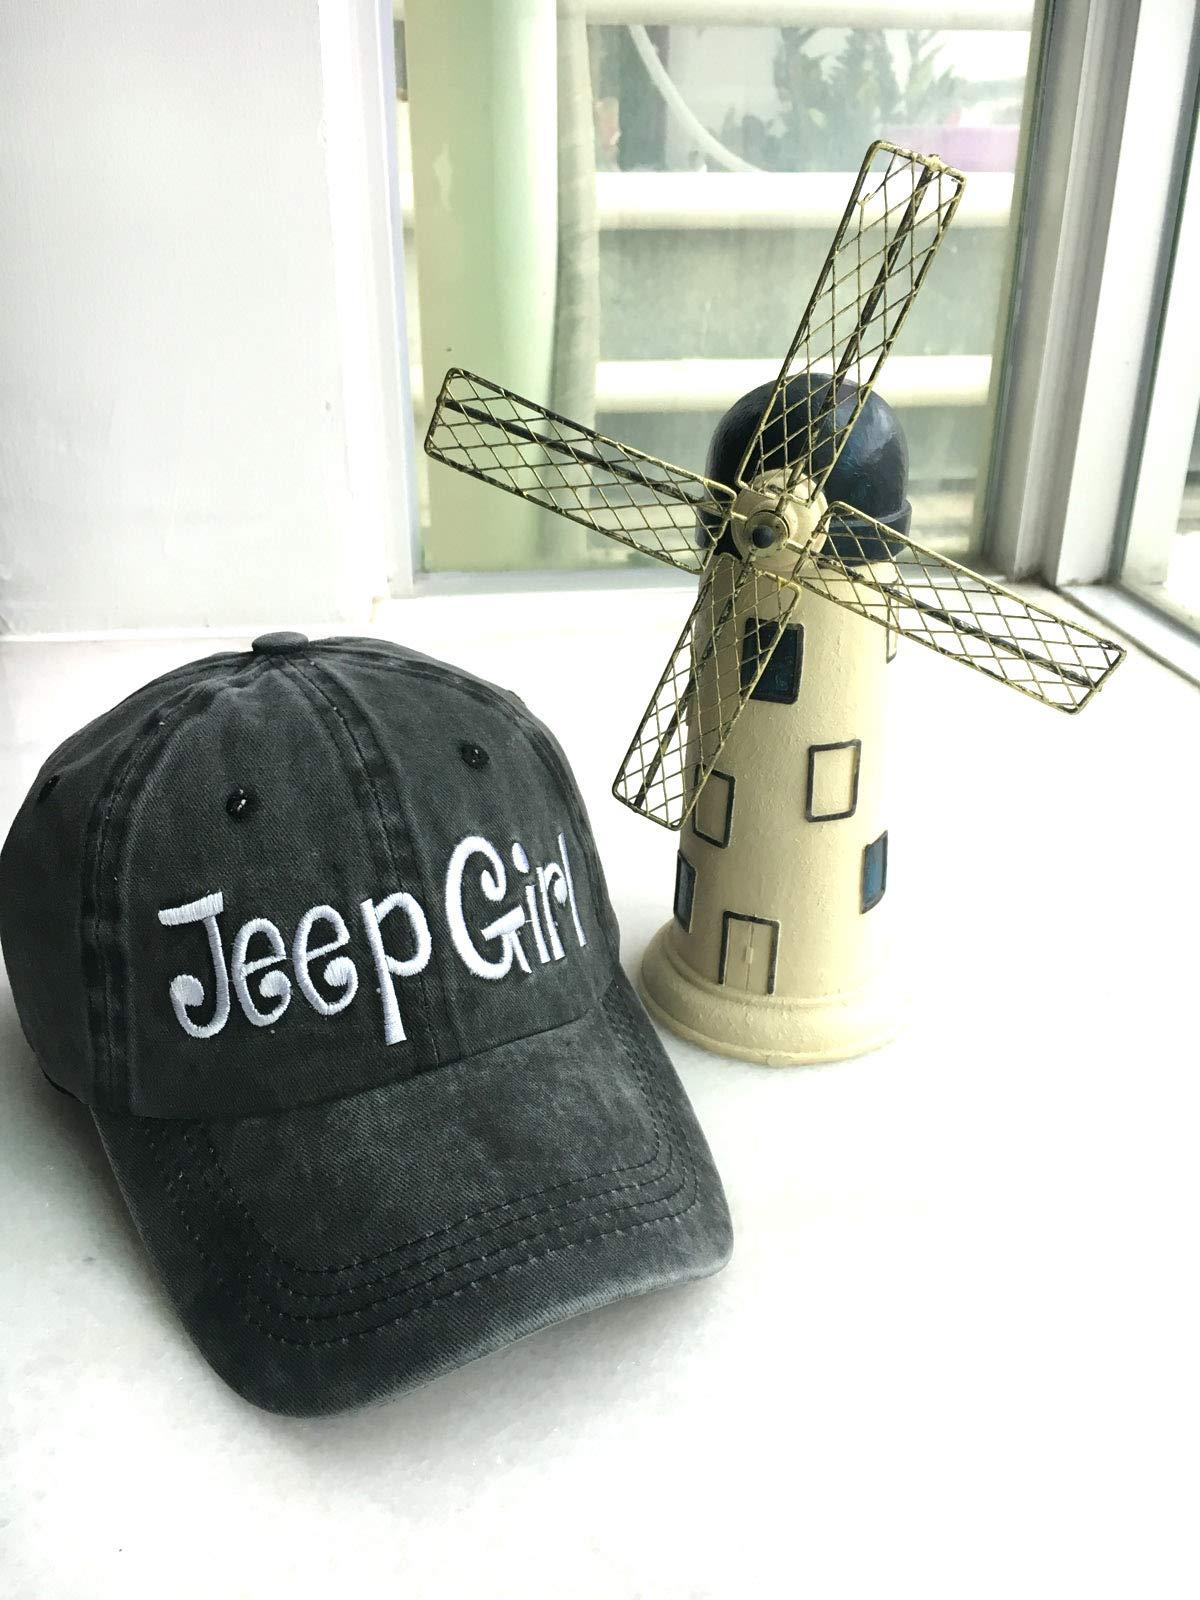 Waldeal Embroidered Jp Girl Vintage Distressed Adjustable Baseball Caps Washed Denim Dad Hat Mom Gift Black by Waldeal (Image #6)